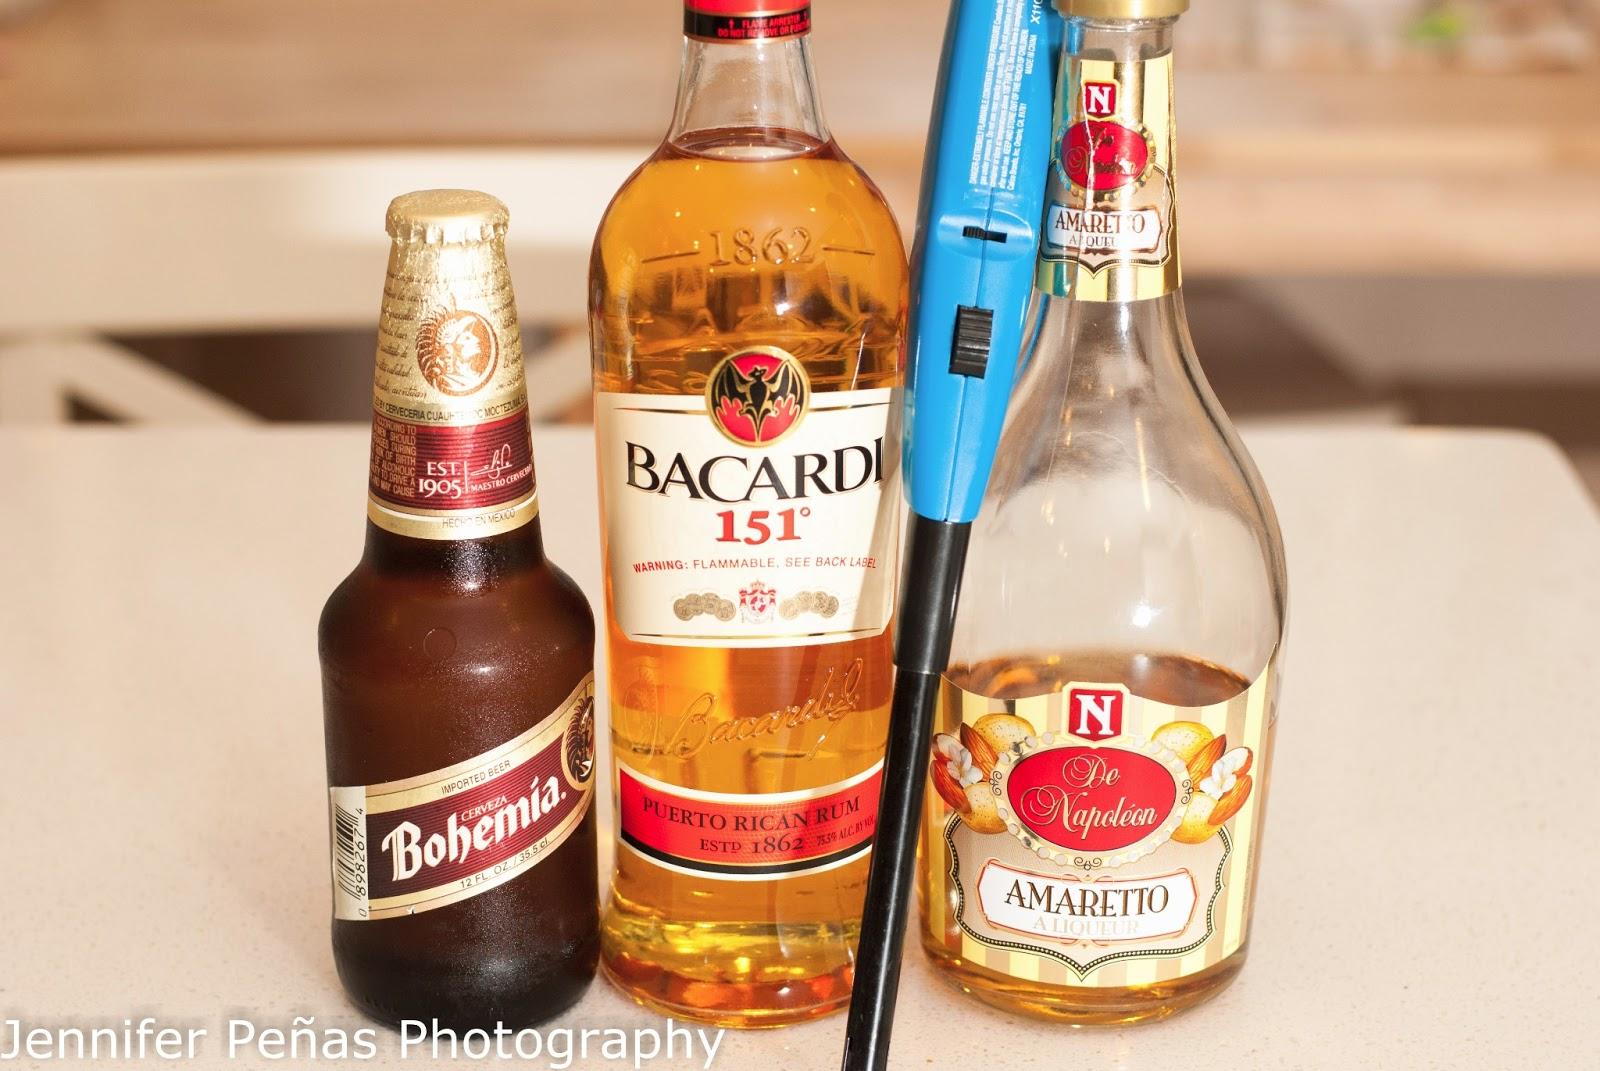 151 bacardi rum and kush 4